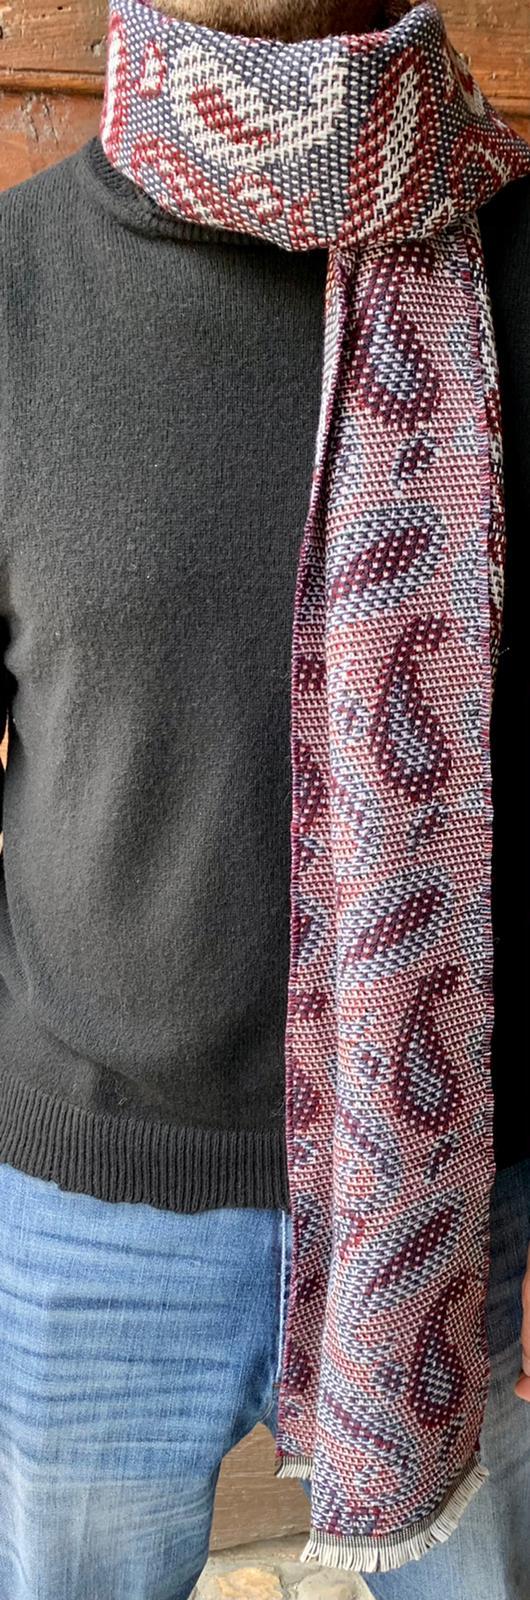 Sciarpa fantasia cashmere double